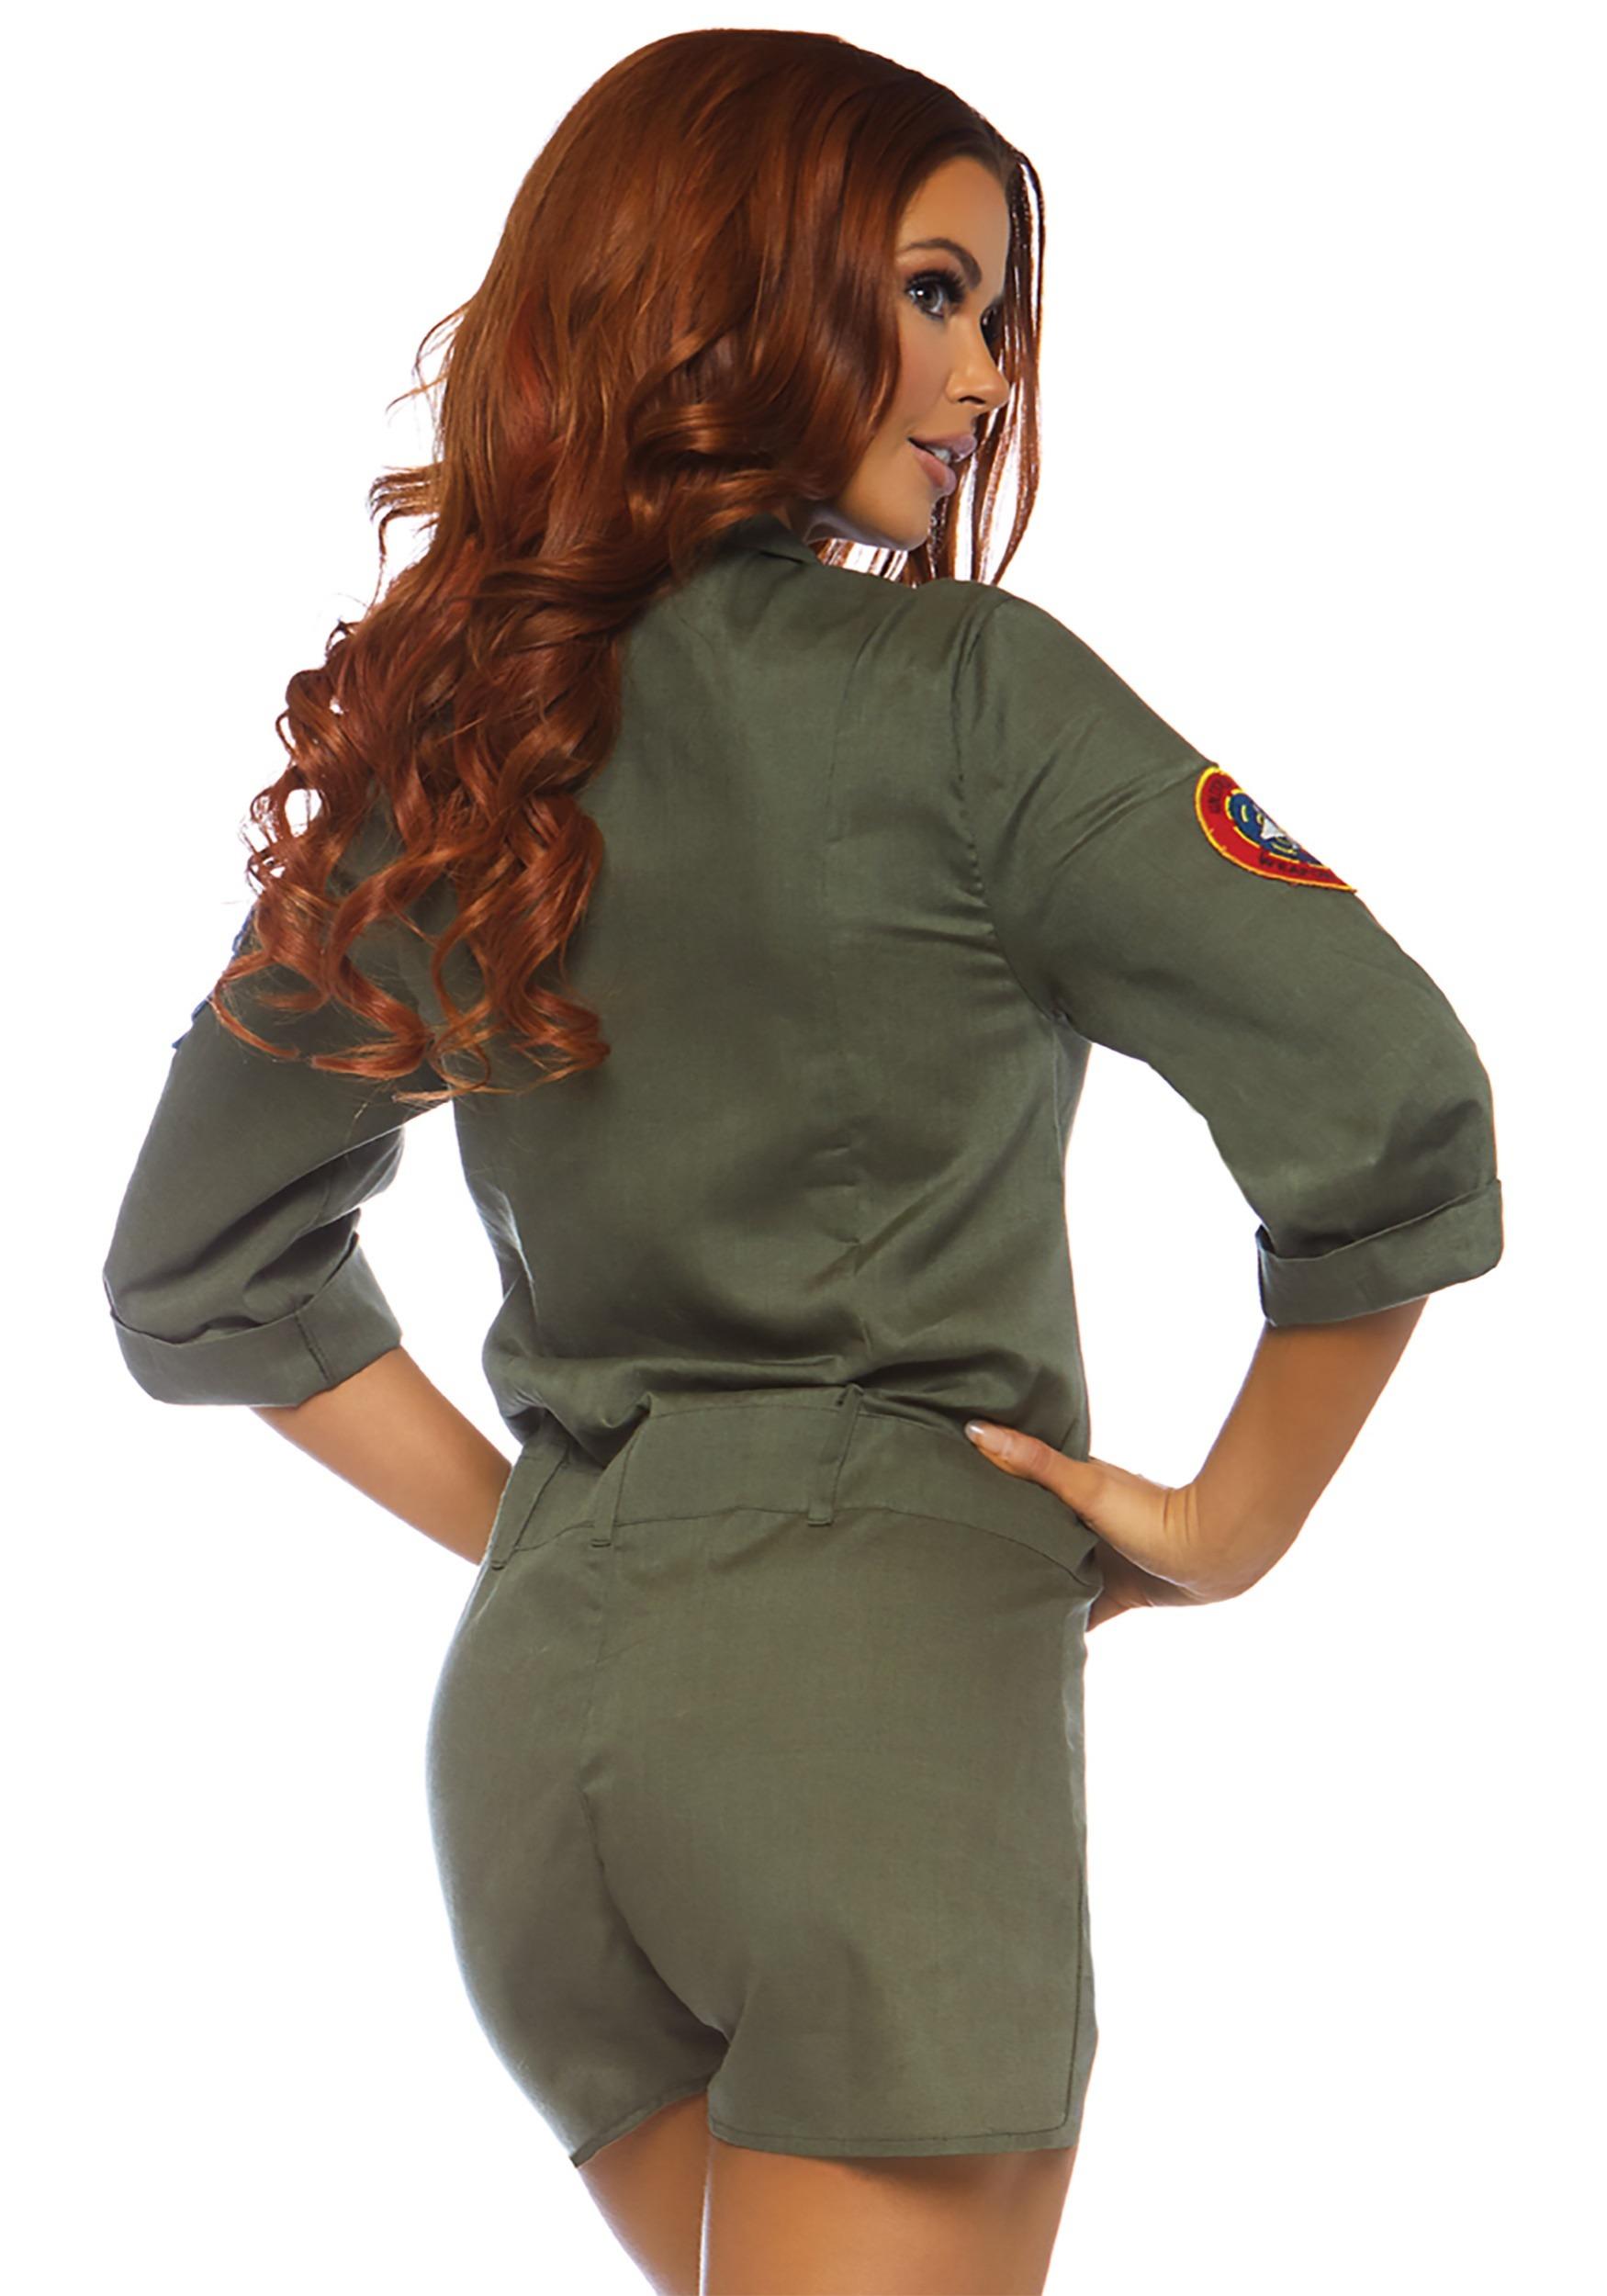 Women S Top Gun Flight Suit Costume Romper